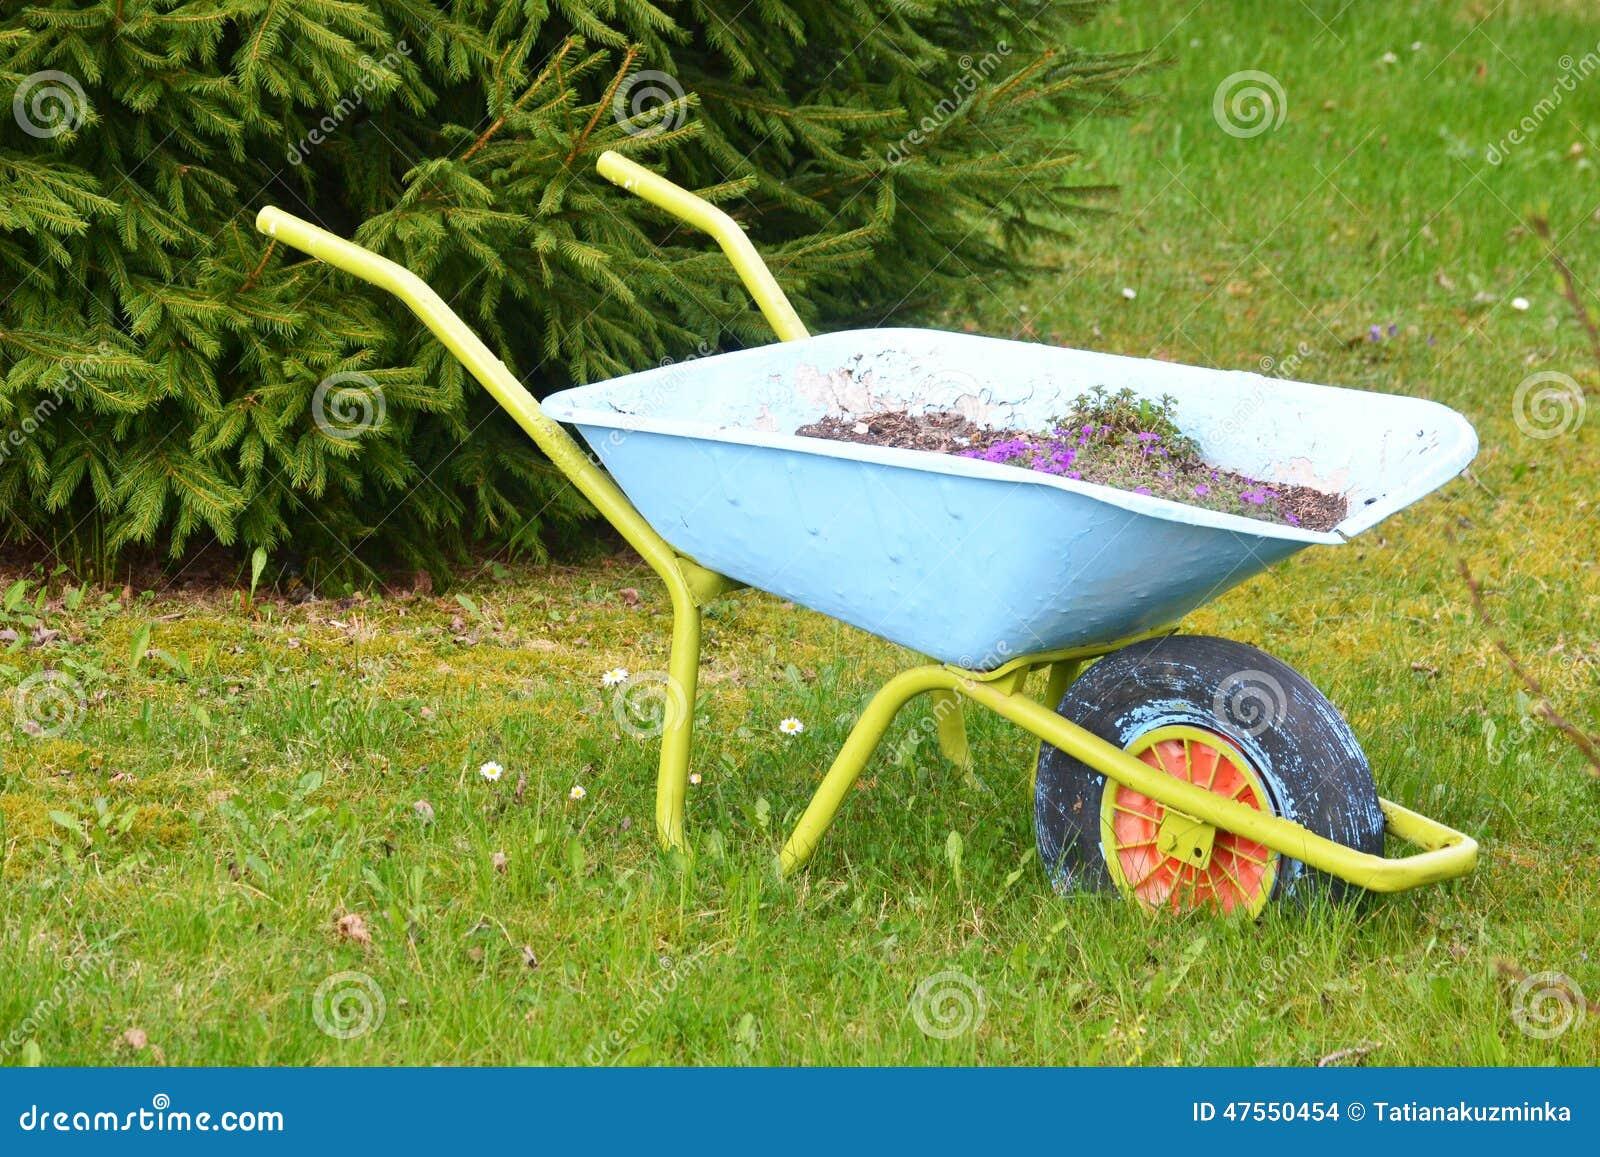 Carretilla en jard n foto de archivo imagen 47550454 for Carretillas para jardin